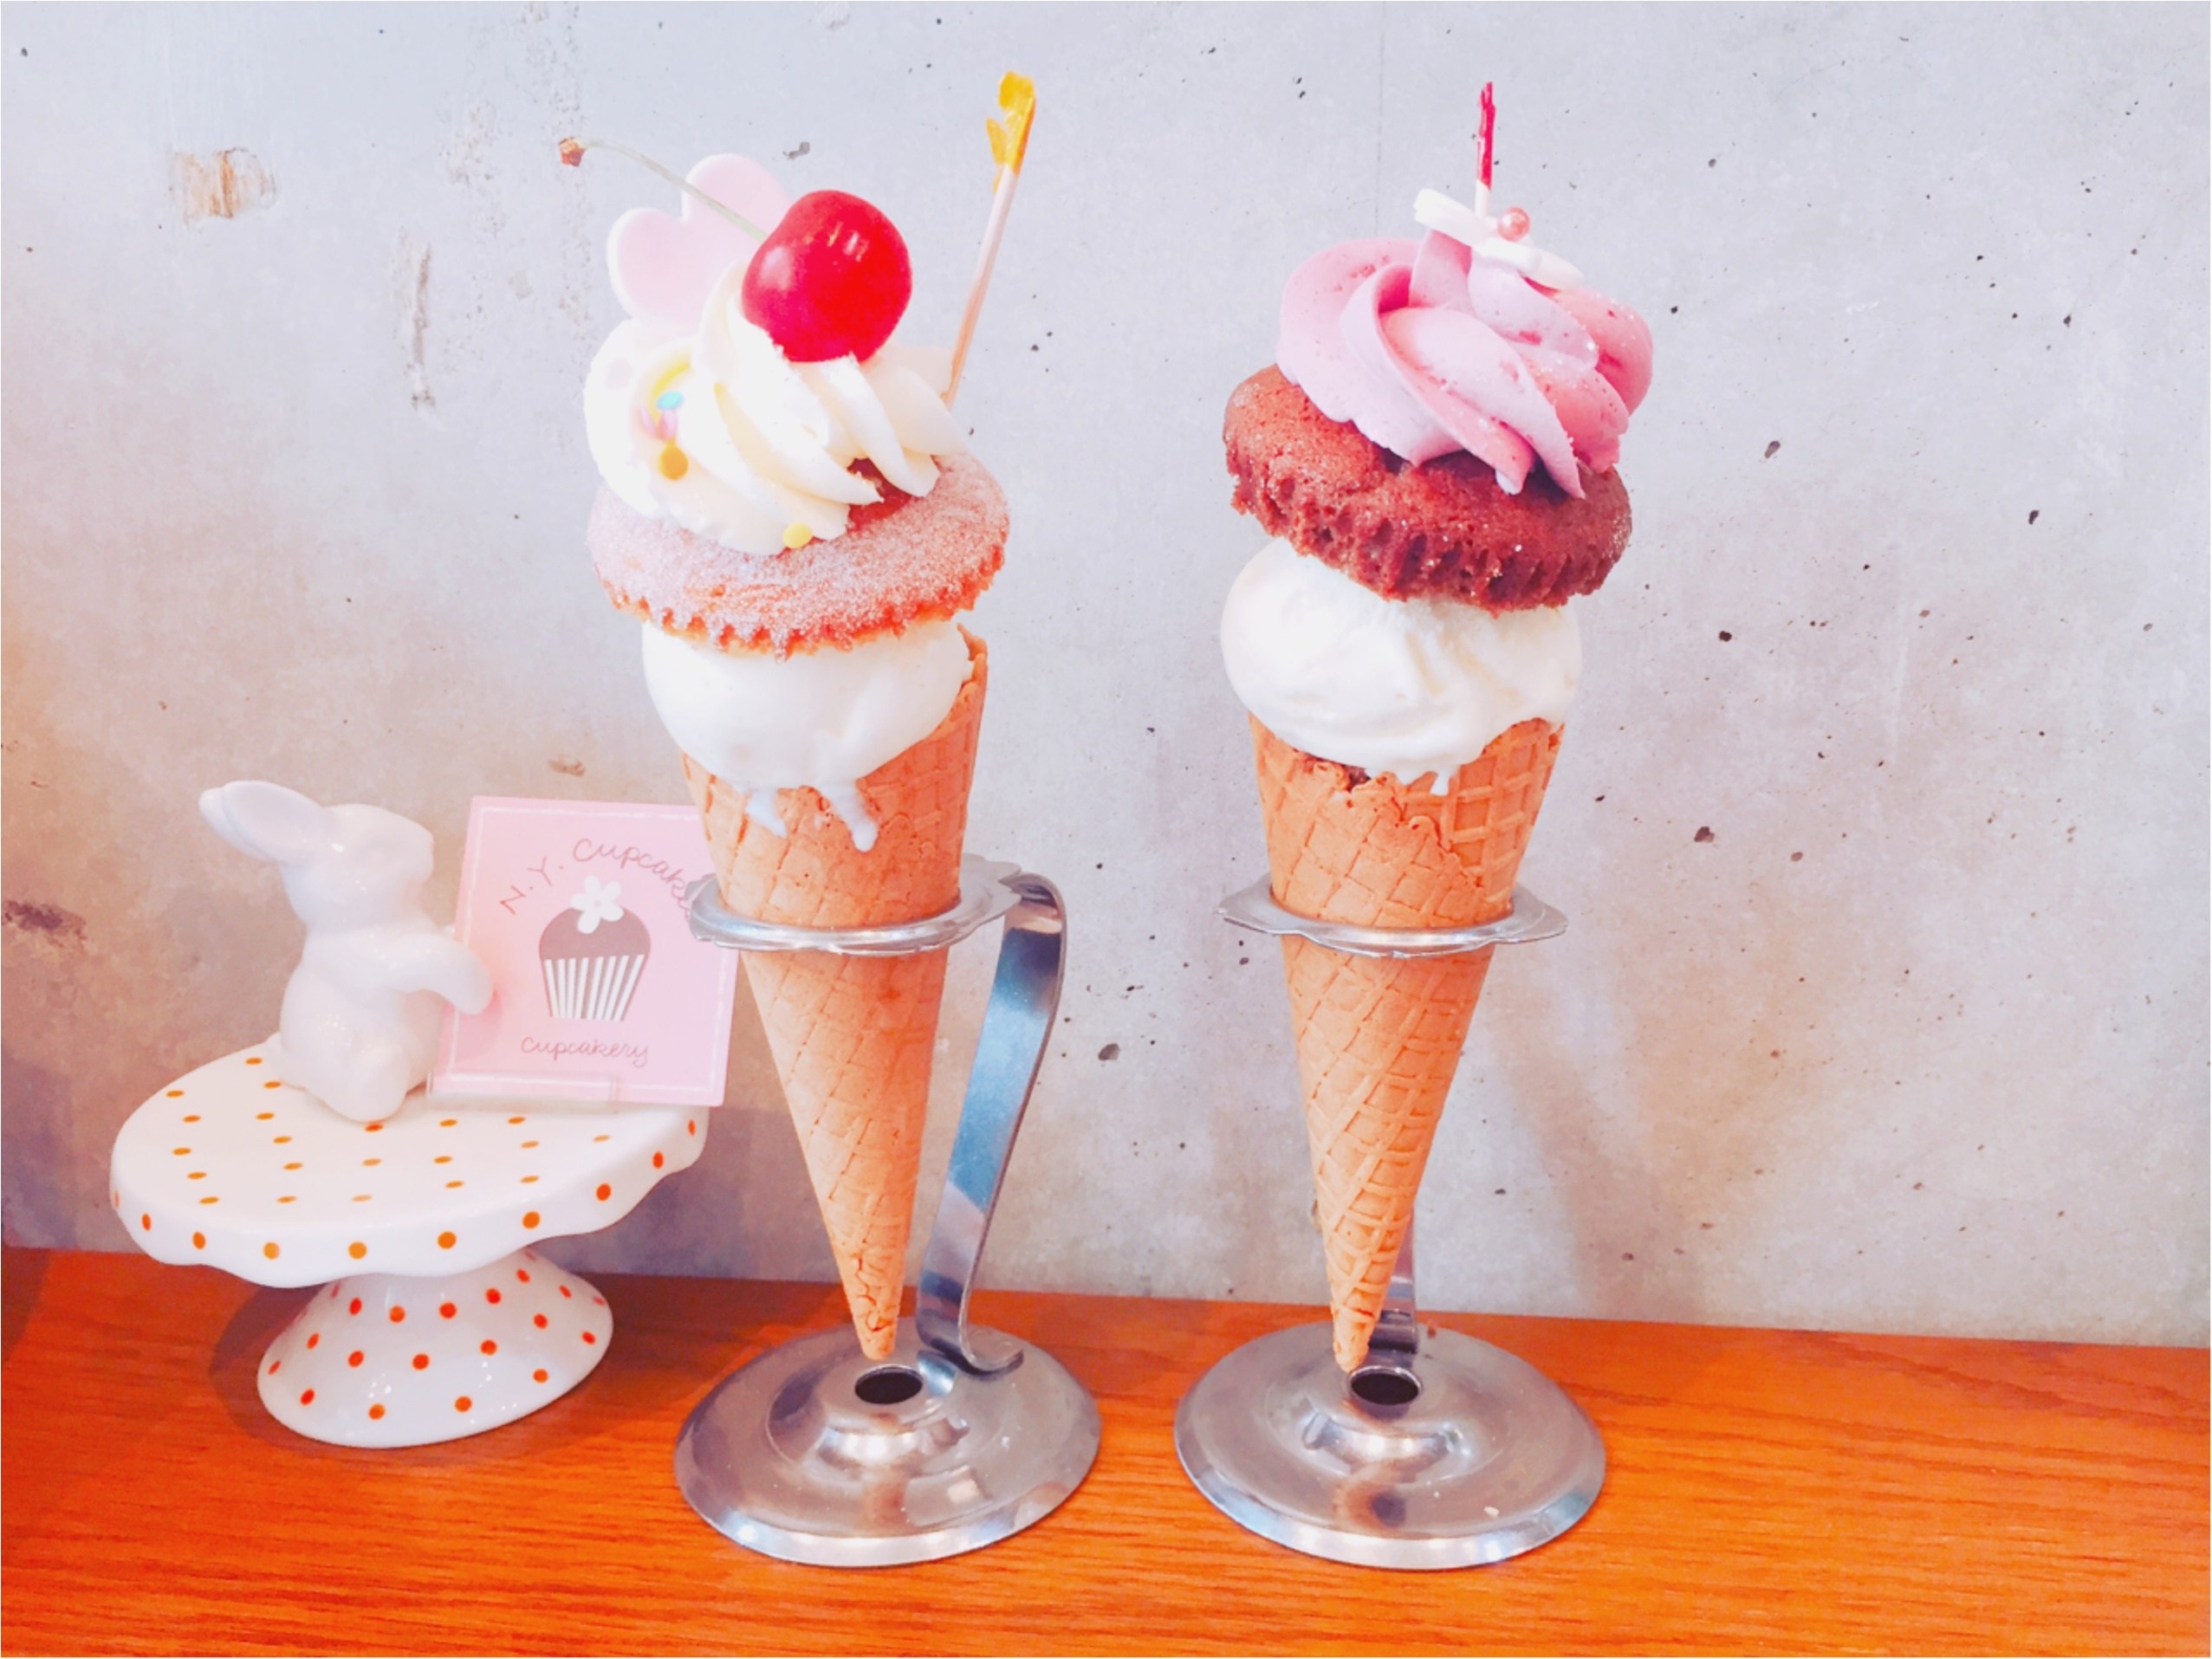 【N.Y. Cupcakes】の夏限定♡アイス+カップケーキが美味しすぎる!_3